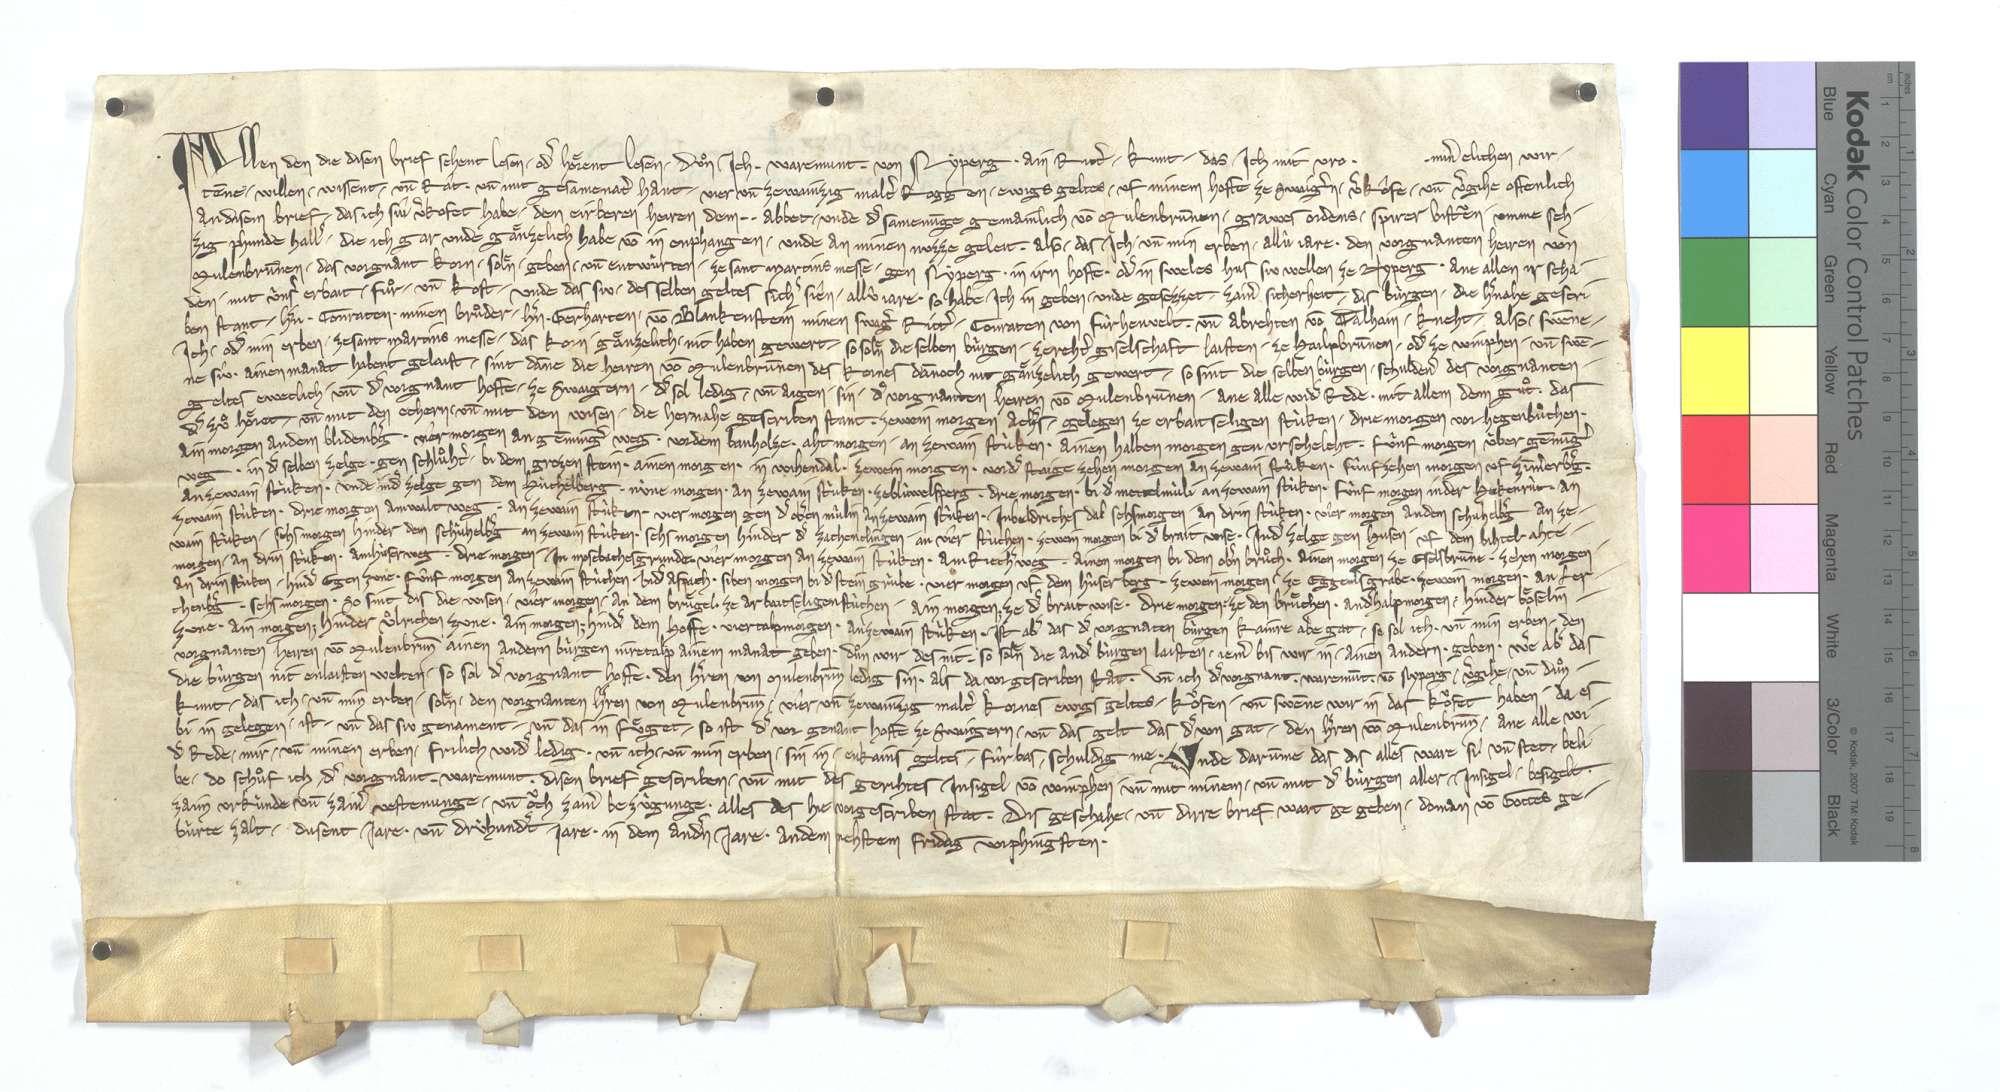 Warmund von Neipperg verkauft dem Kloster Maulbronn 24 Malter Roggen ewige Gült aus seinem Hof zu Schwaigern., Text